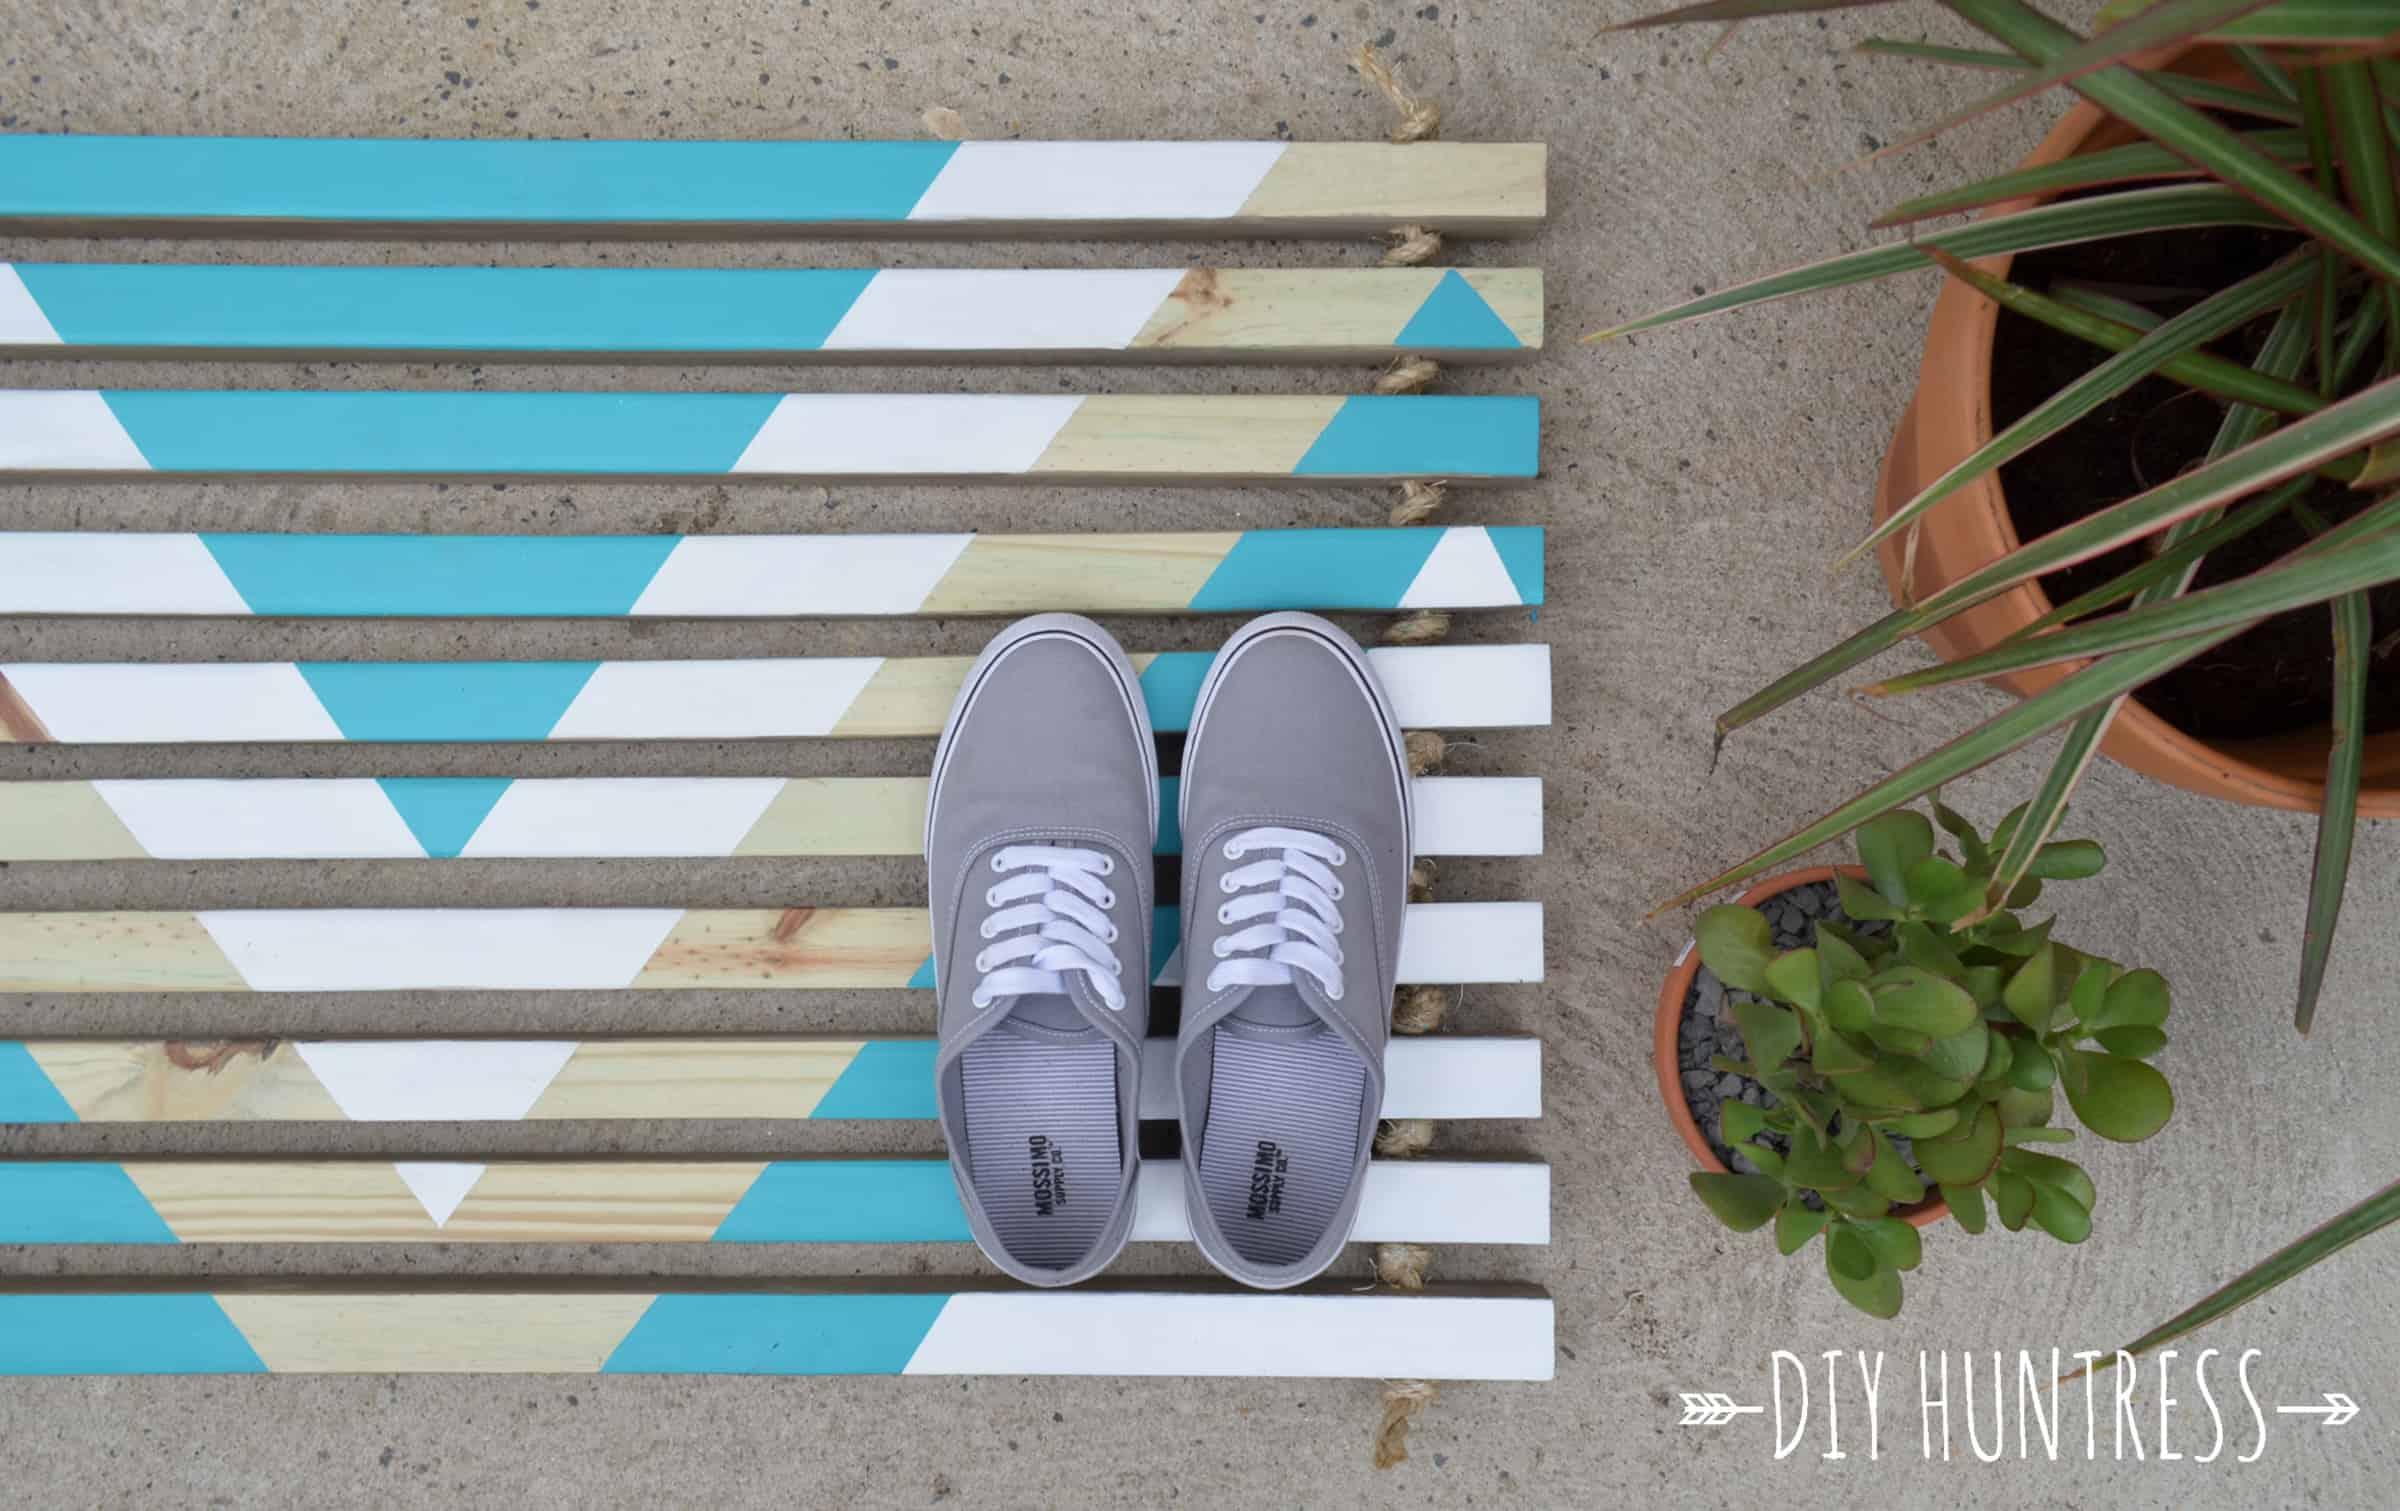 DIY_Huntress_Doormat_Home_Depot copy